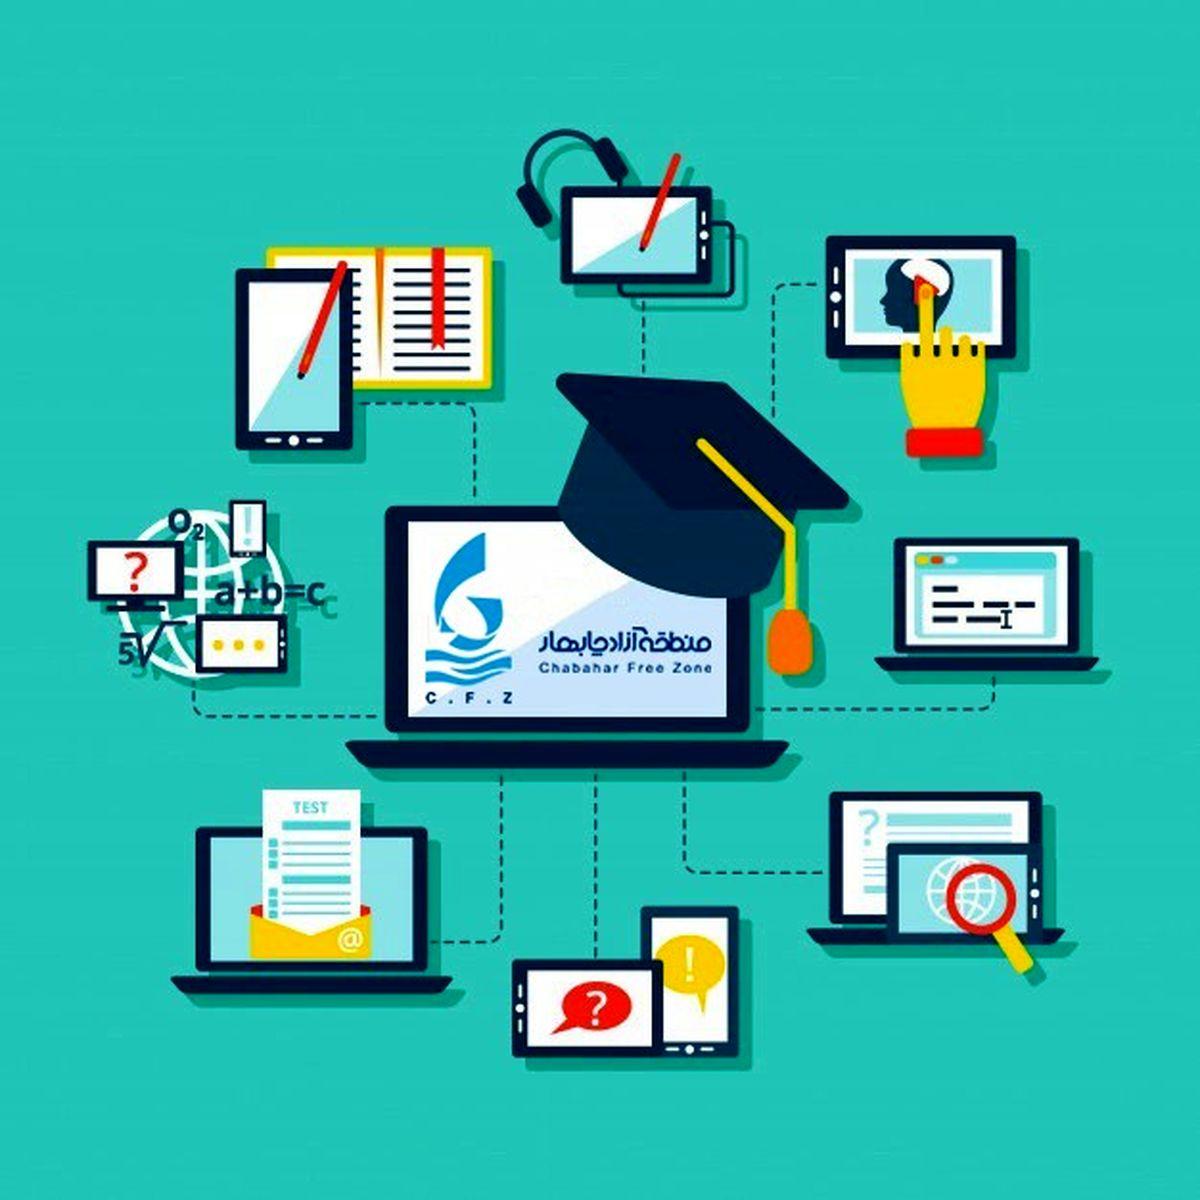 برگزاری دوره آموزشی مجازی در منطقه آزاد چابهار